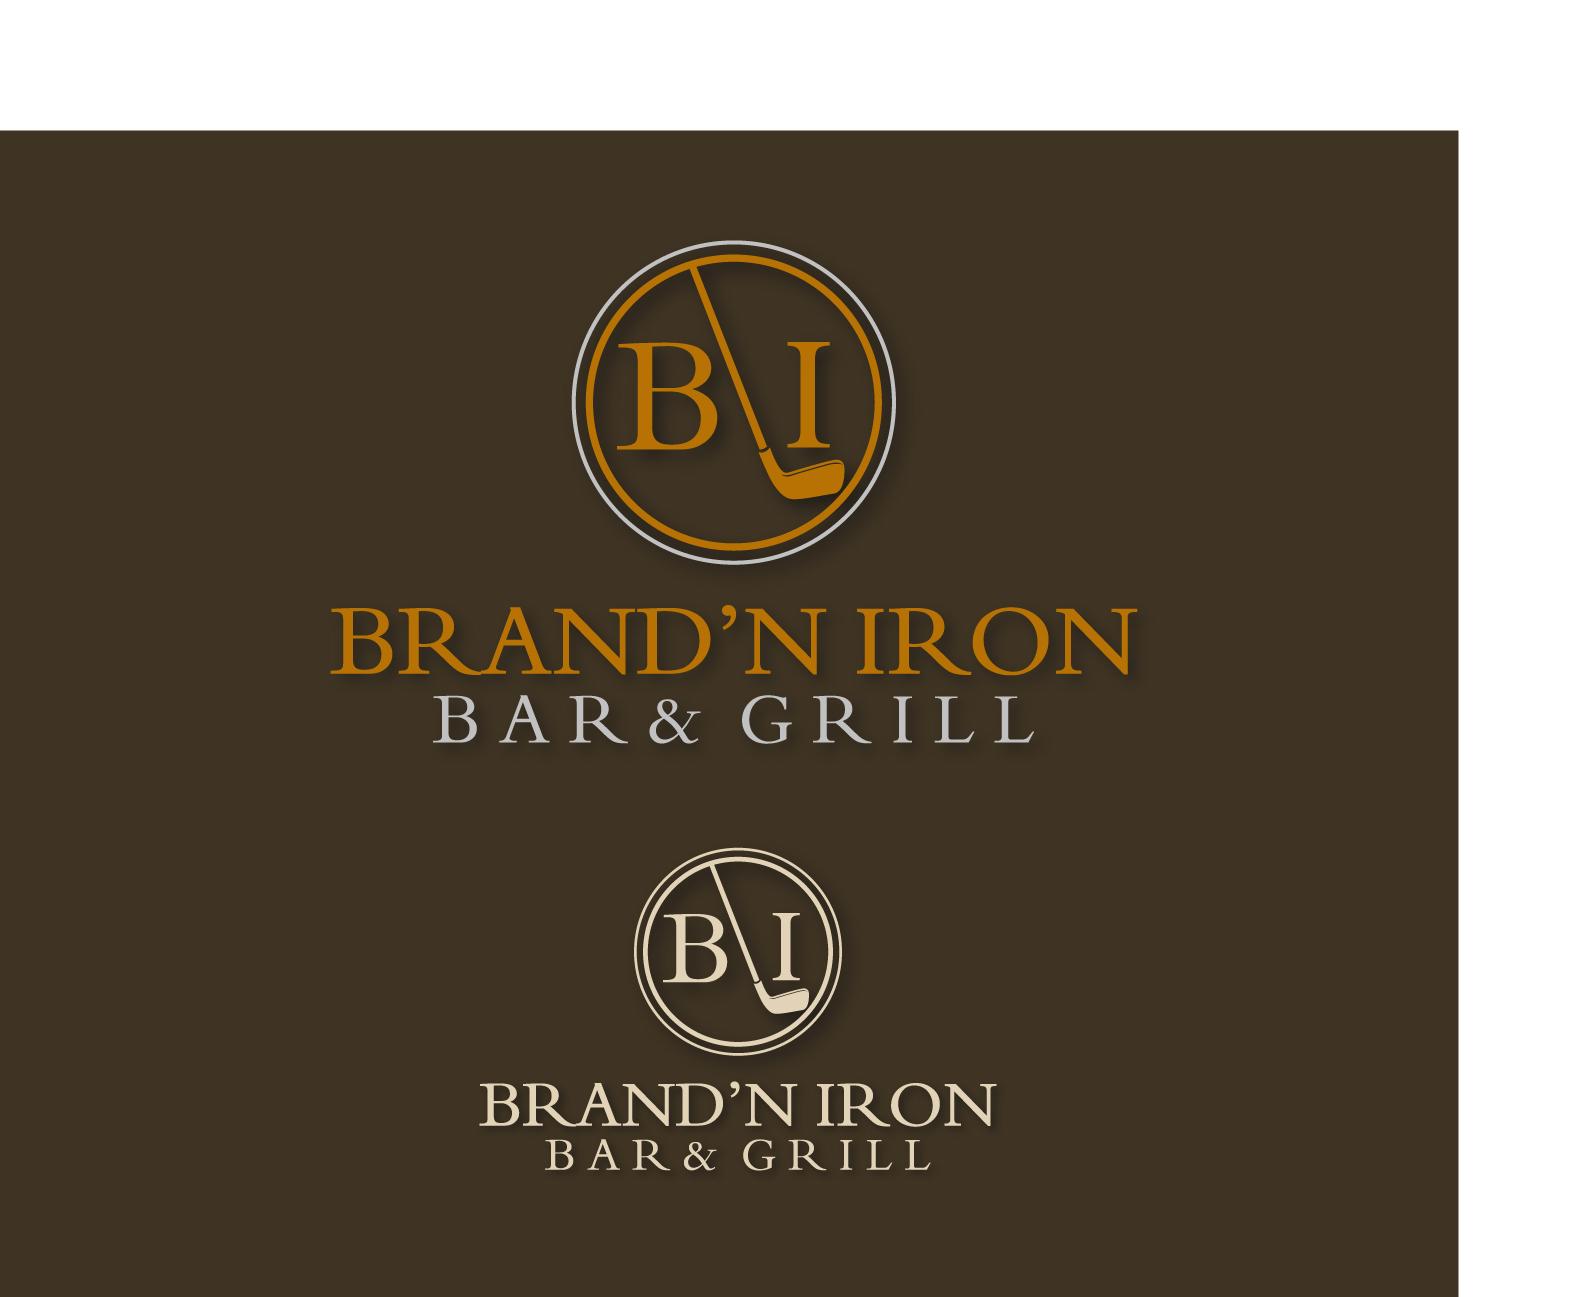 Logo Design by Allan Esclamado - Entry No. 192 in the Logo Design Contest Captivating Logo Design for Brand'n Iron Bar & Grill.